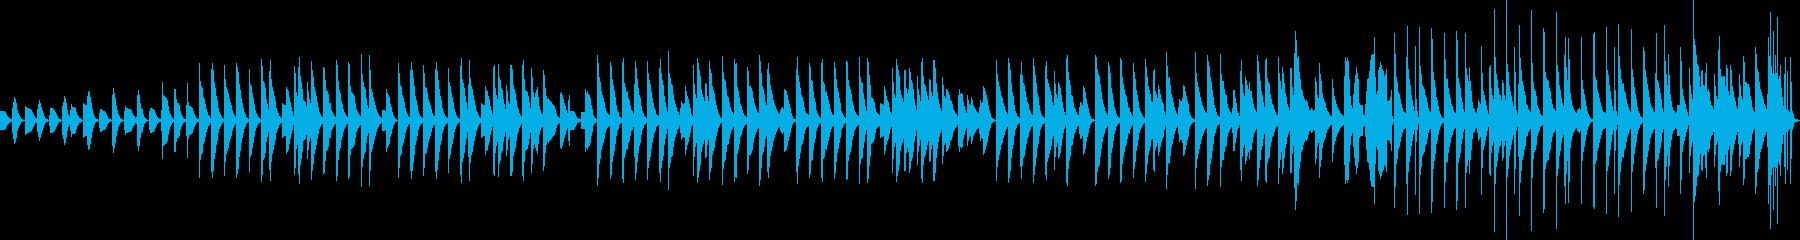 木琴が奏でるほのぼのとしたBGMその2の再生済みの波形